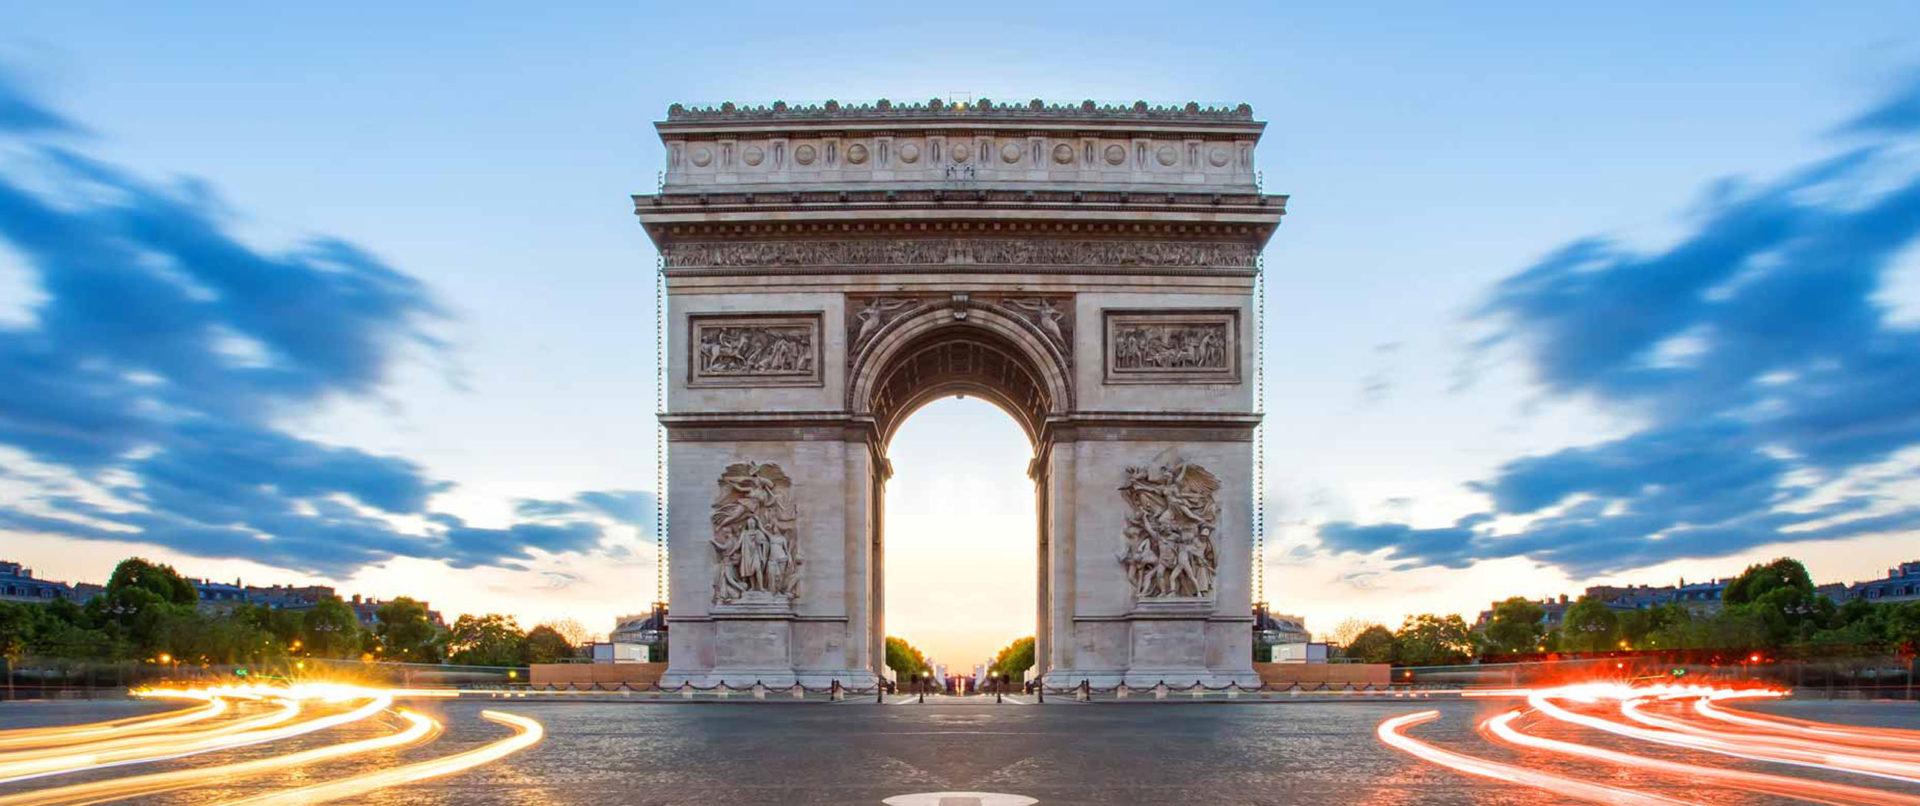 paris-luxury-best-of-private-arc-triomphe